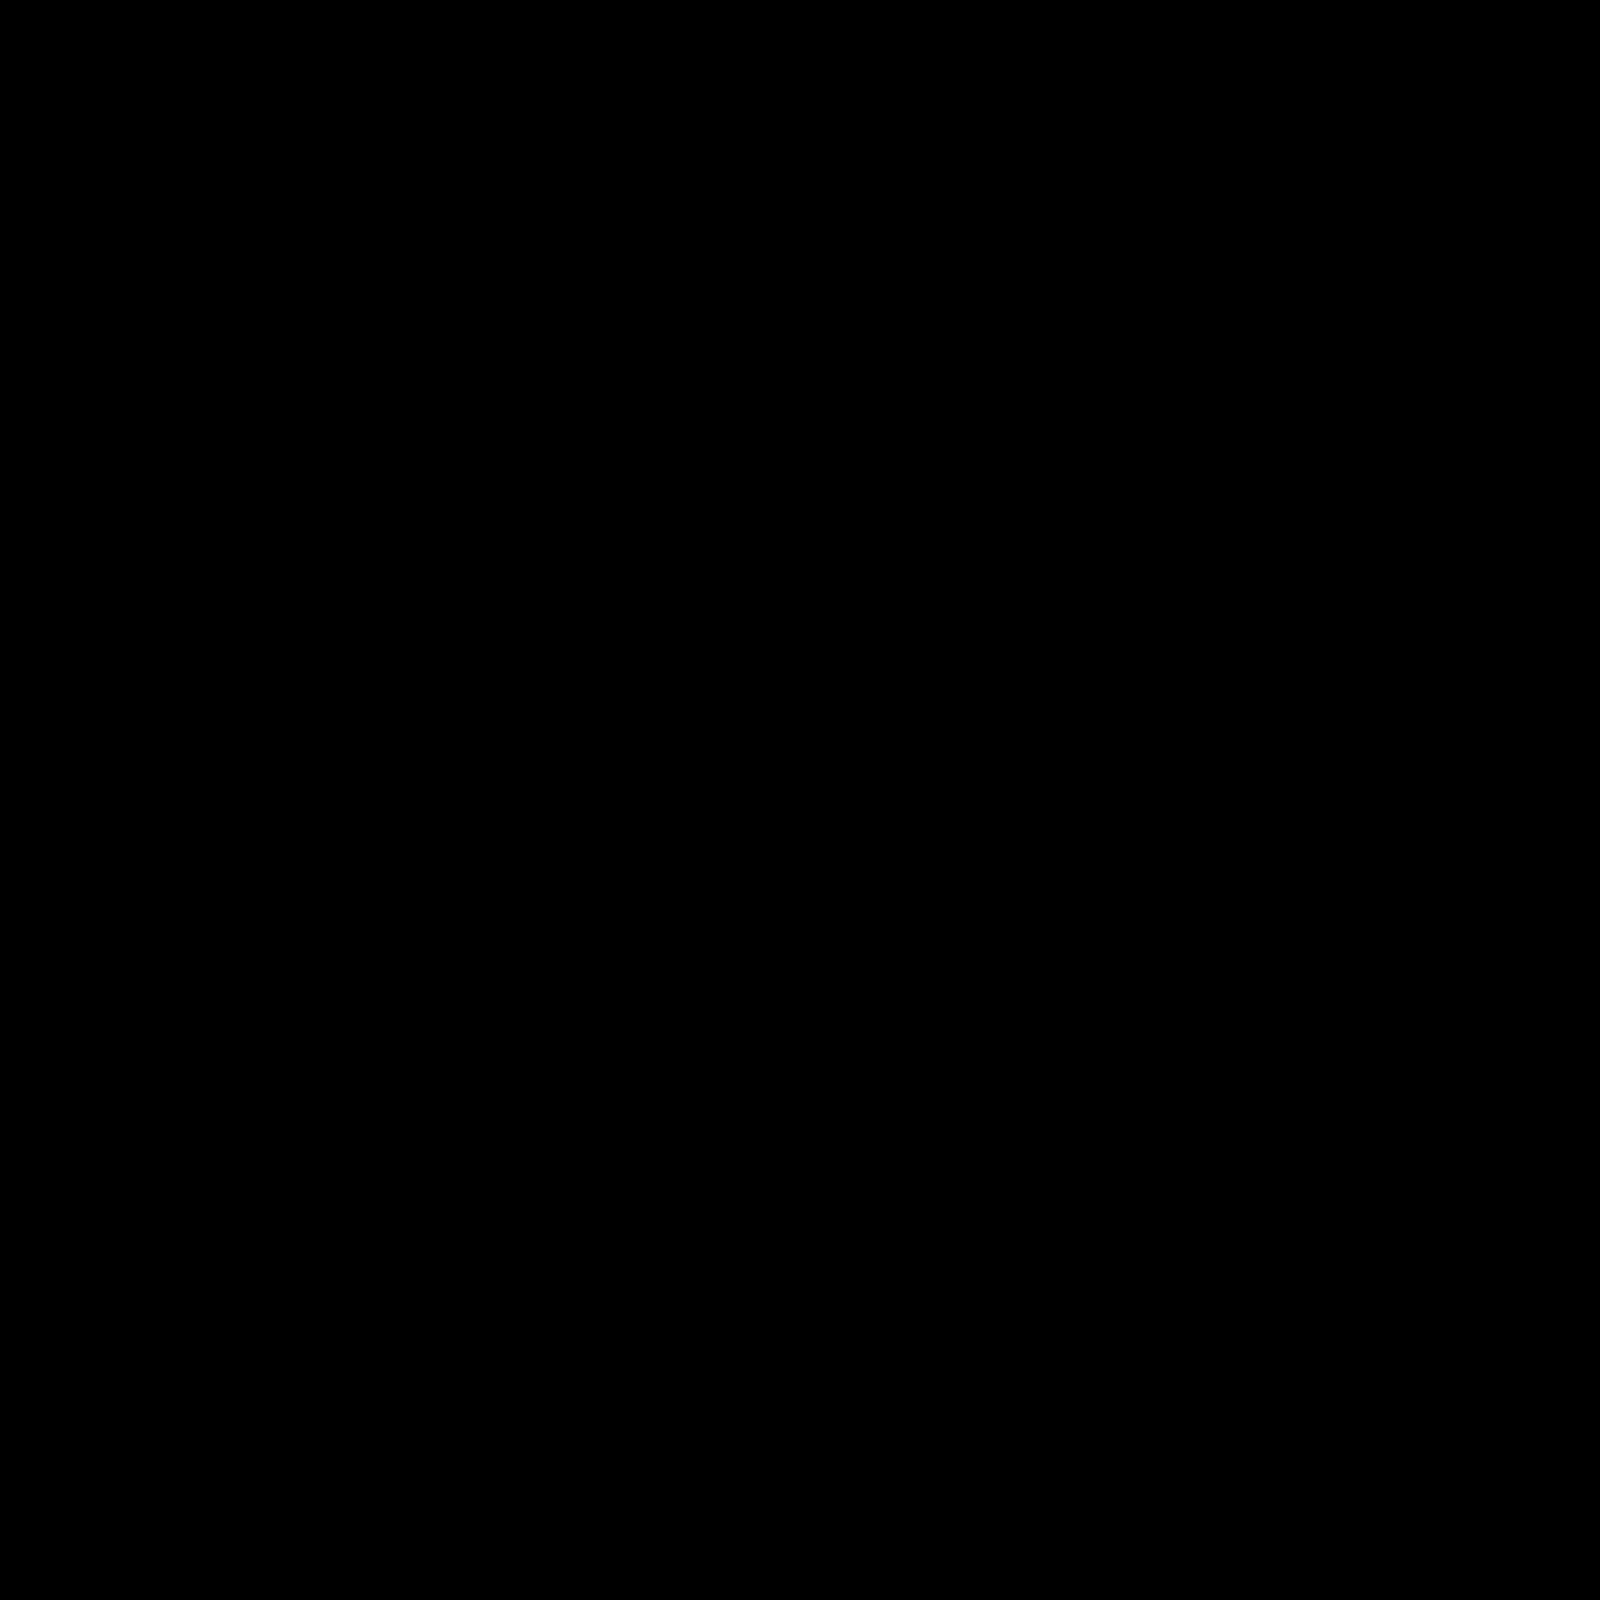 Espada PNG - 133855